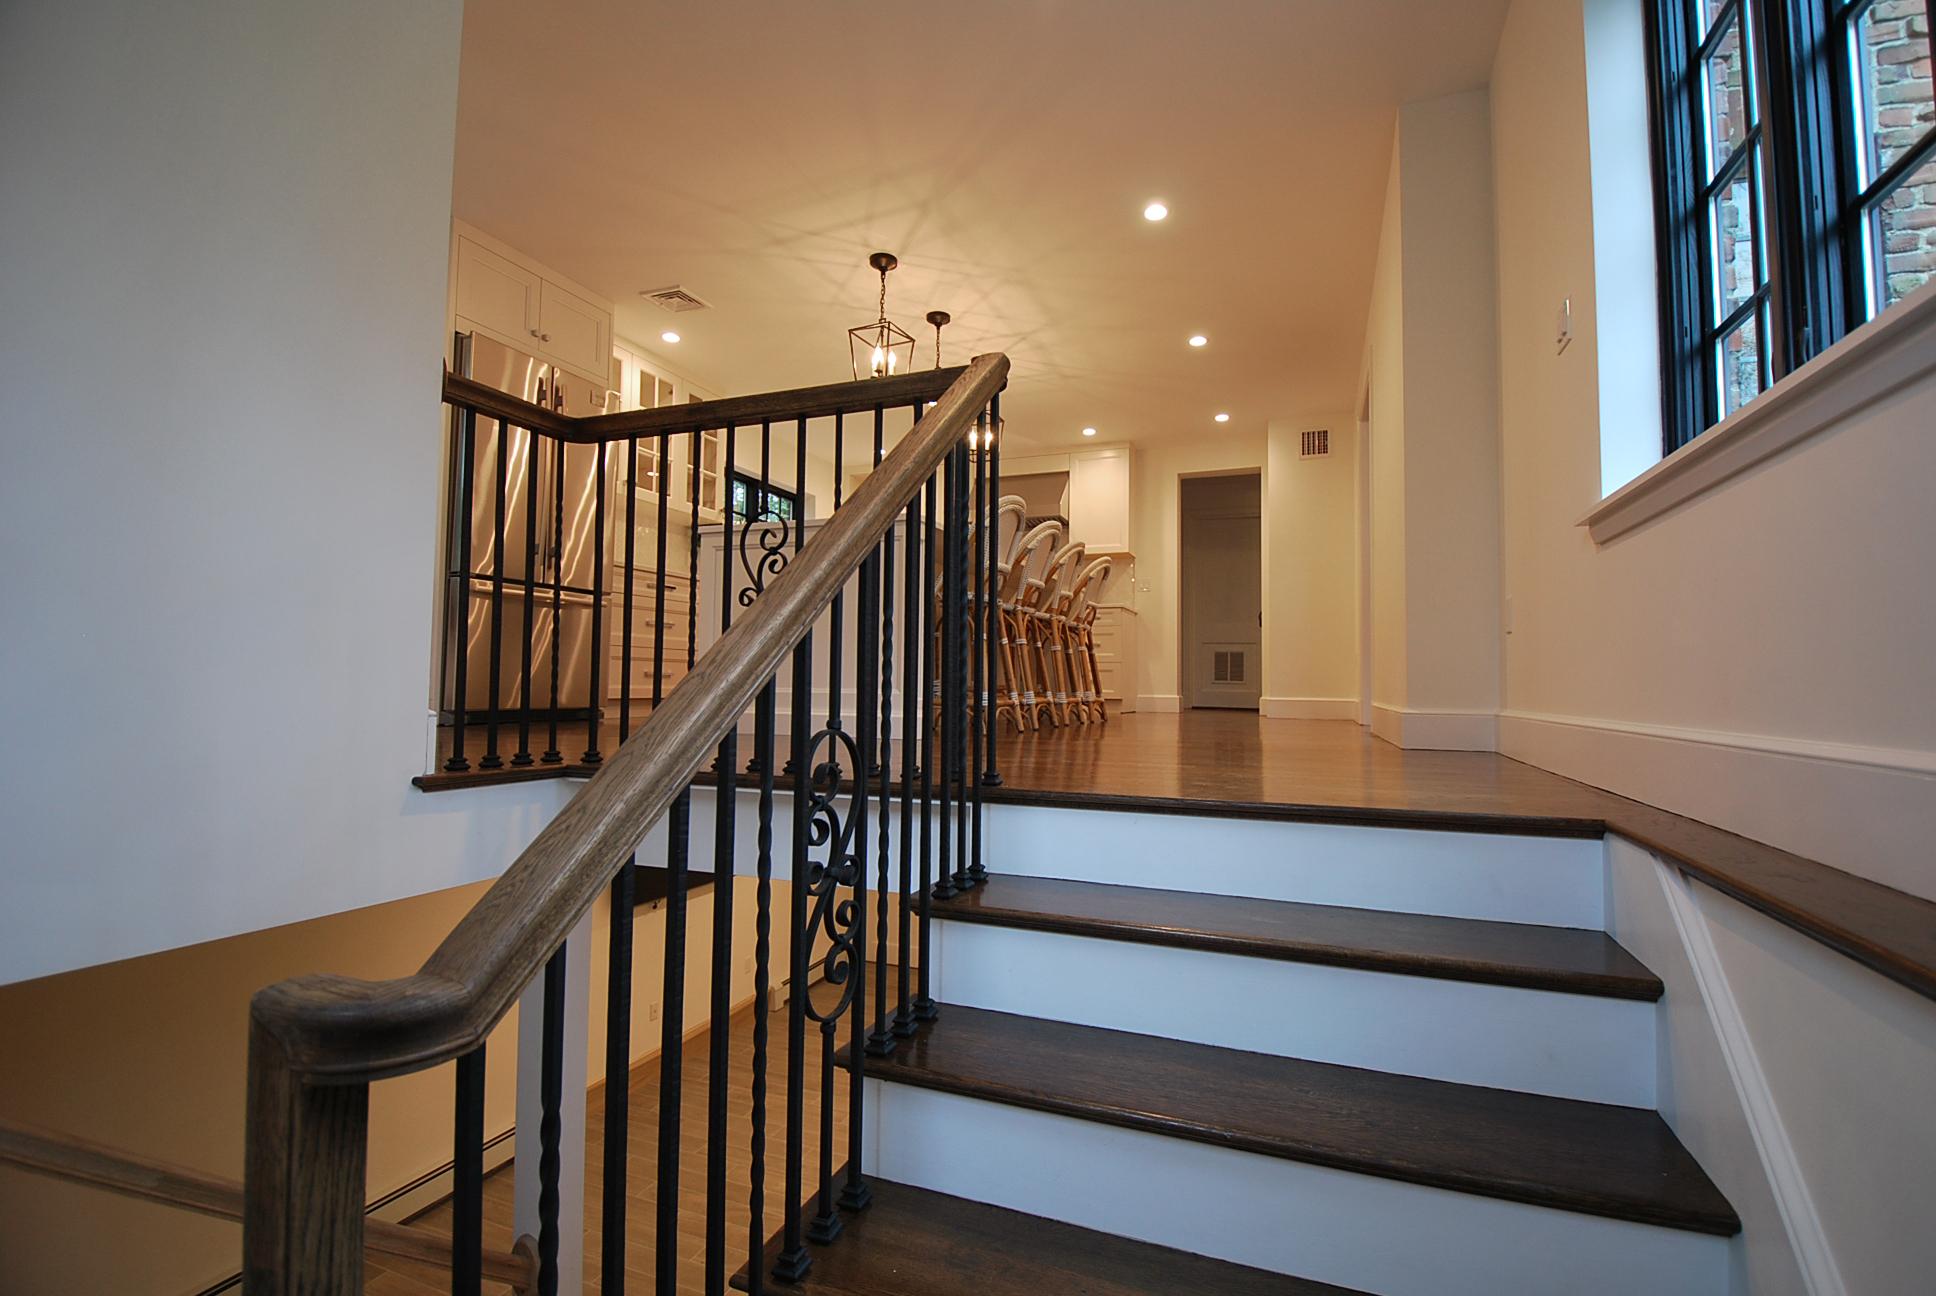 boffa stair 2.jpg